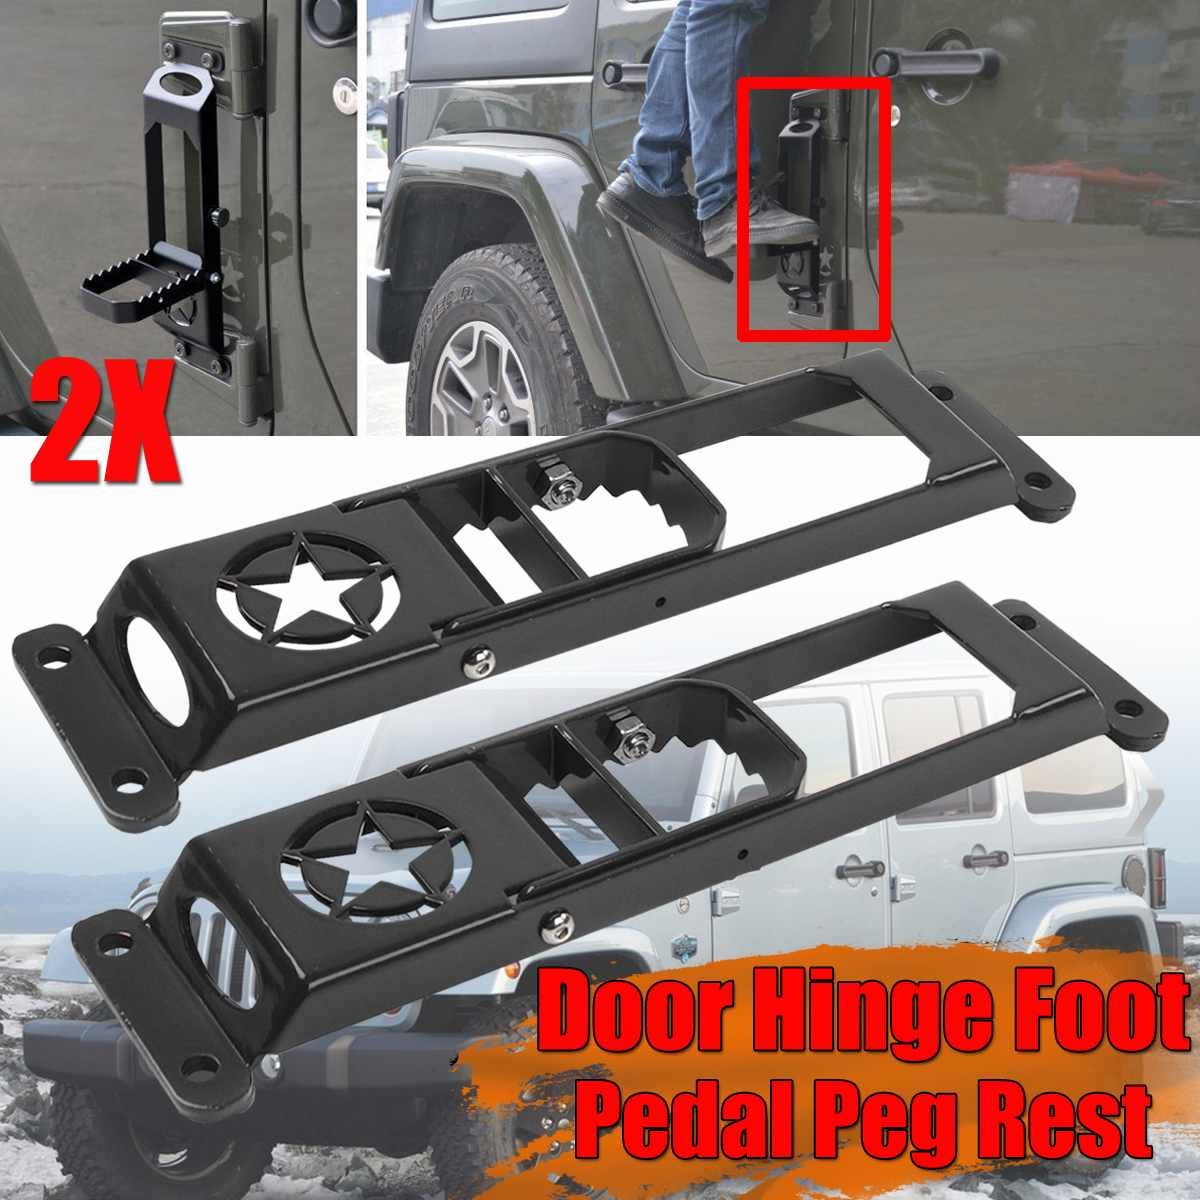 Car Folding Door Hinge Foot Pedal Peg Rest For Jeep For Wrangler JK 2007-2017 2/4dr Door Hinge Step Metal Folding Foot Peg Matel crash bar mt 09